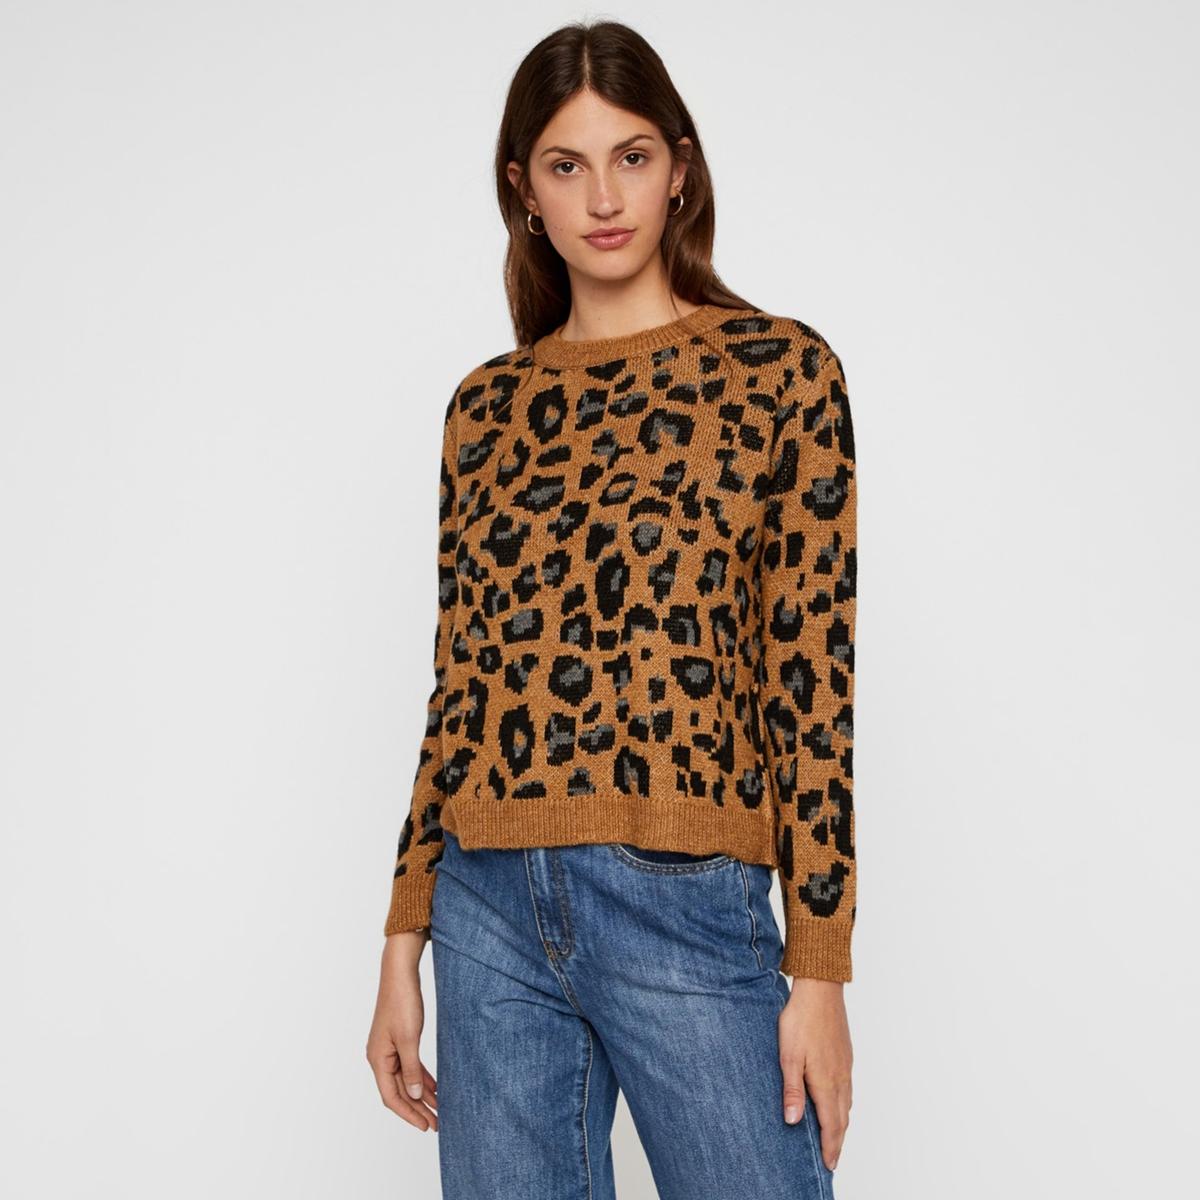 Пуловер La Redoute С круглым вырезом и леопардовым рисунком M бежевый свитшот la redoute с круглым вырезом и вышивкой s черный